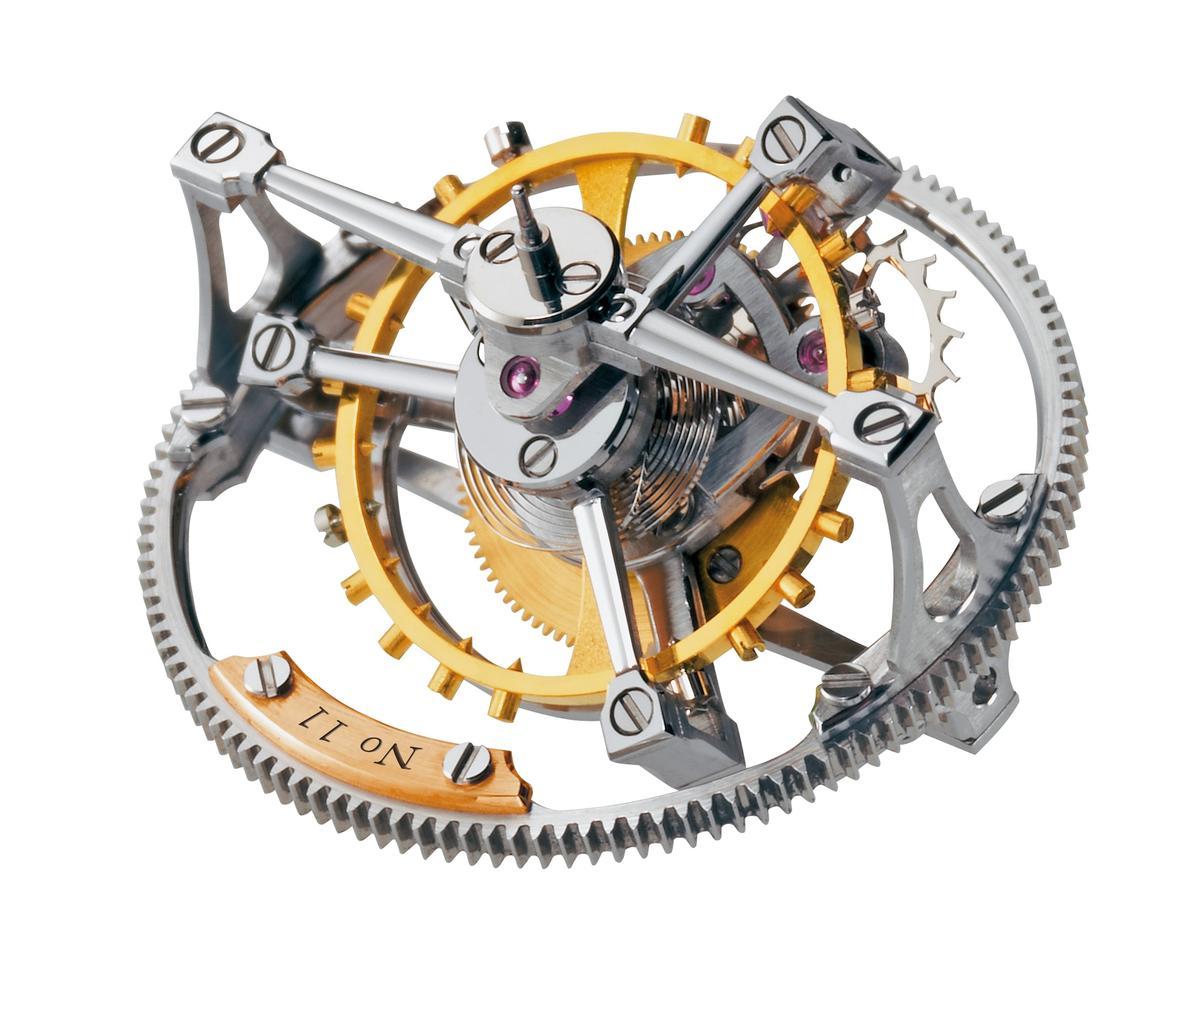 簡單來說,陀飛輪裝置就像一個籠子,將擒縱系統放到裡面,而陀飛輪裝置不斷旋轉的狀況下,讓擒縱系統不會固定在某個方位,因此能消弭地心引力對擒縱系統的影響。